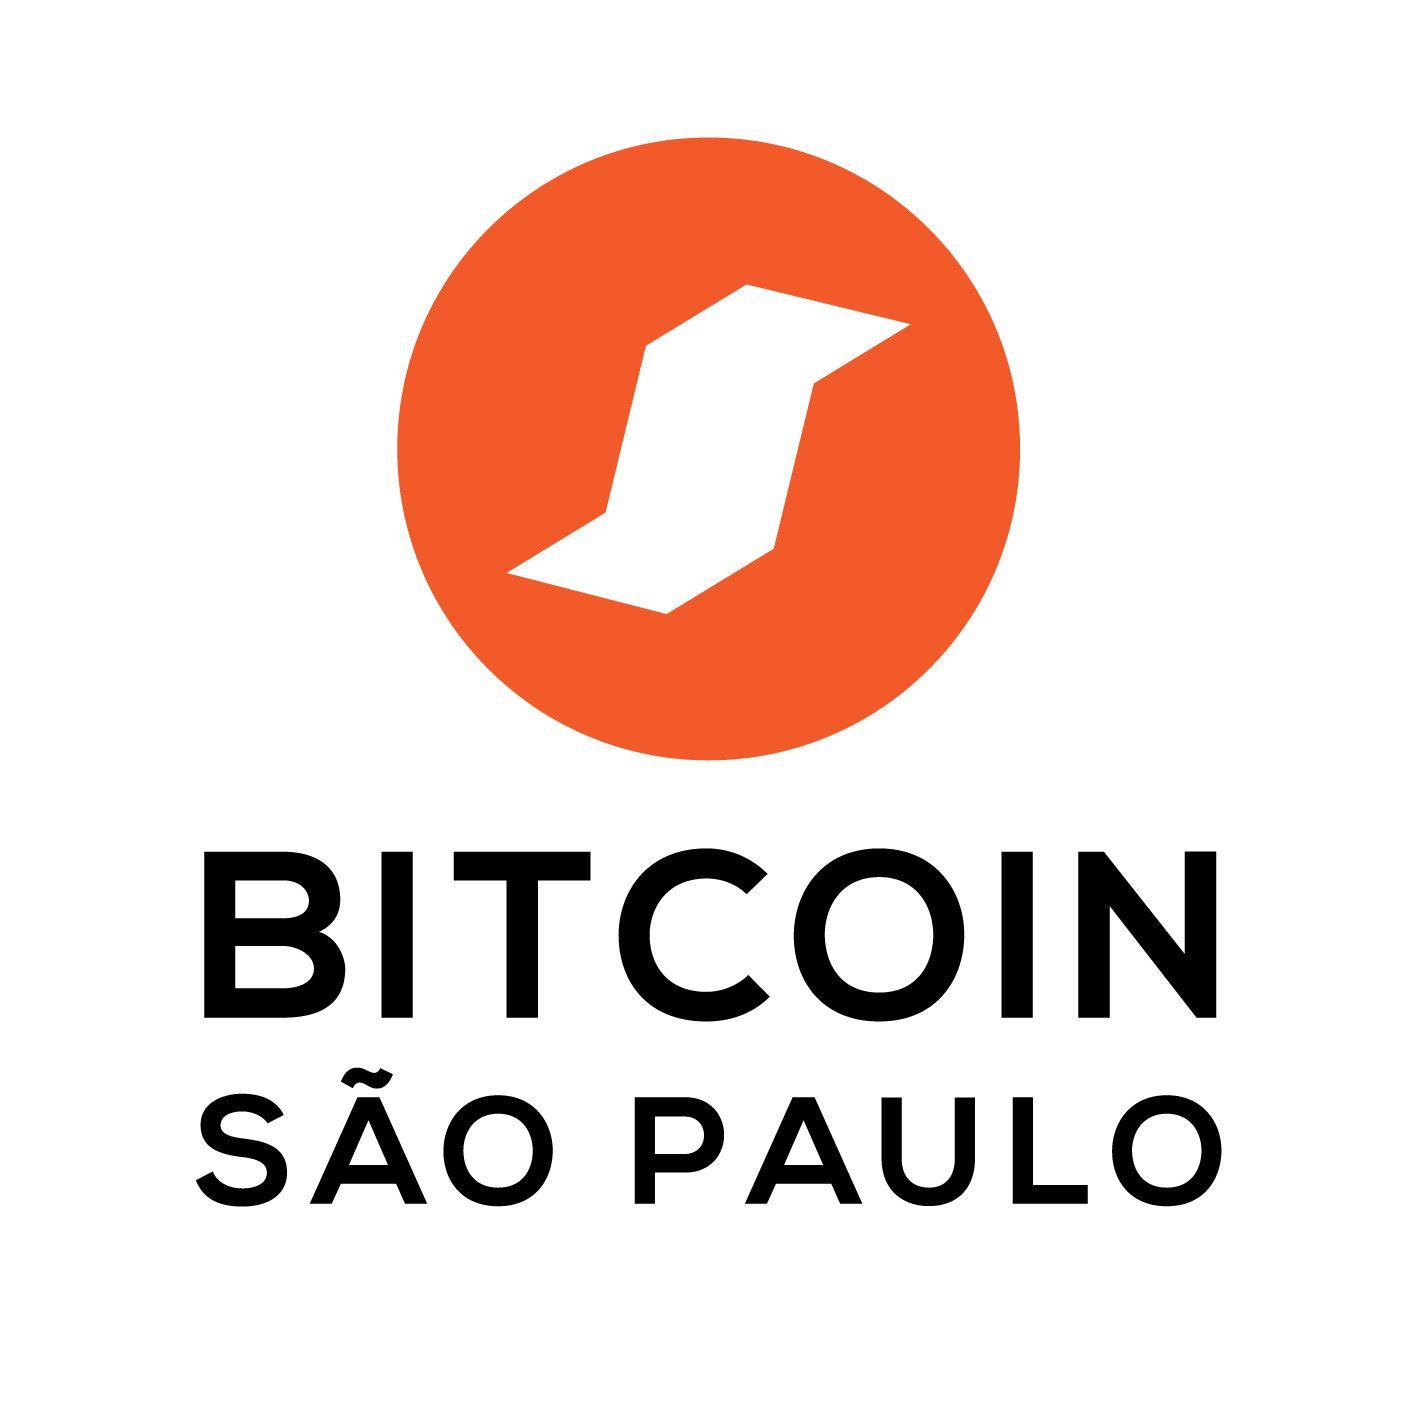 comprar bitcoin sao paulo criptomoedas sobre